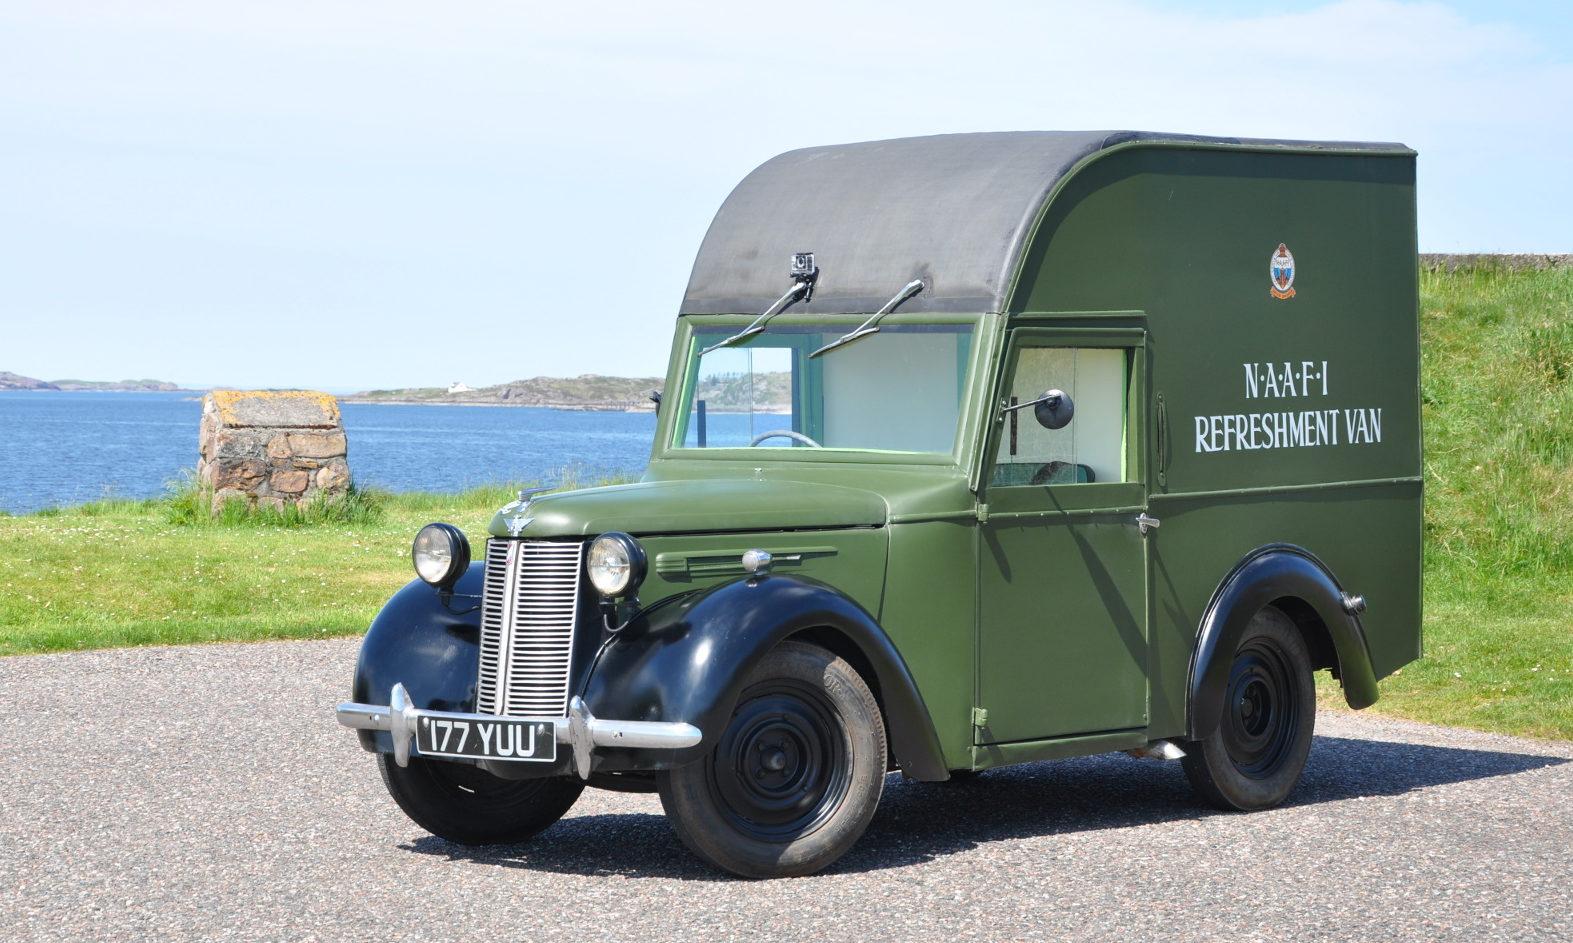 Bertie the van